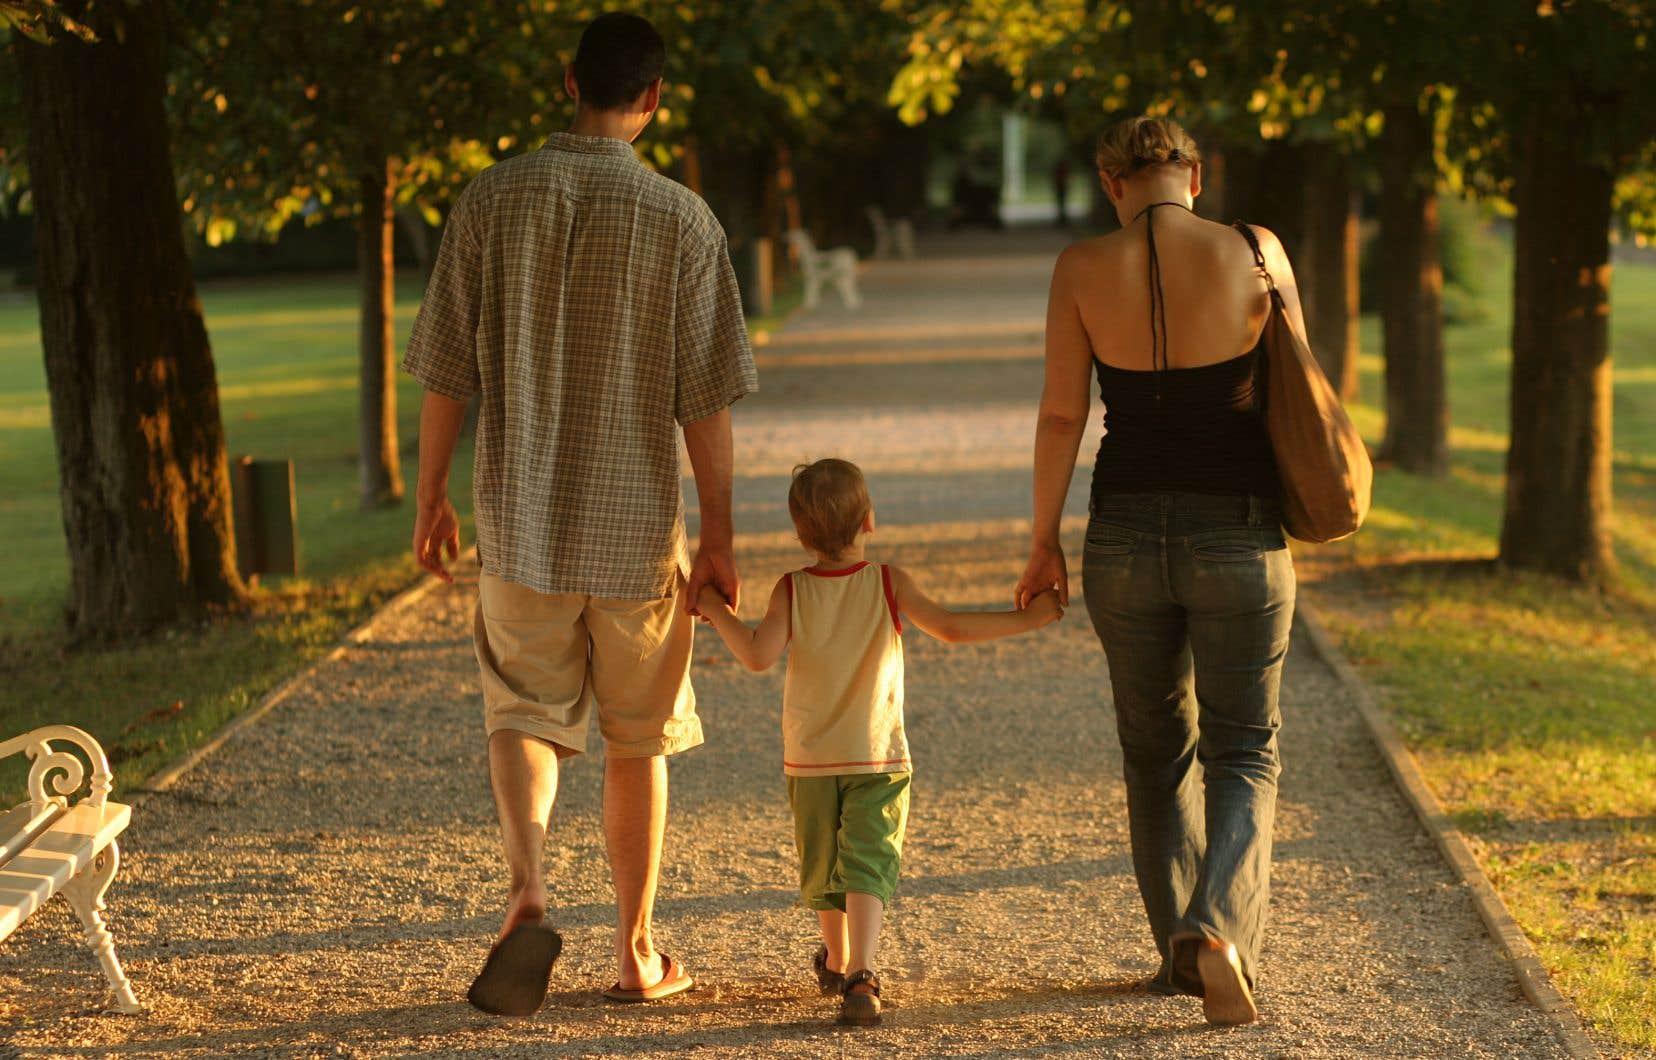 Une «Commission de consultation citoyenne sur le droit de la famille» va sonder citoyens et organismes au sujet d'une possible réforme du droit de la famille.